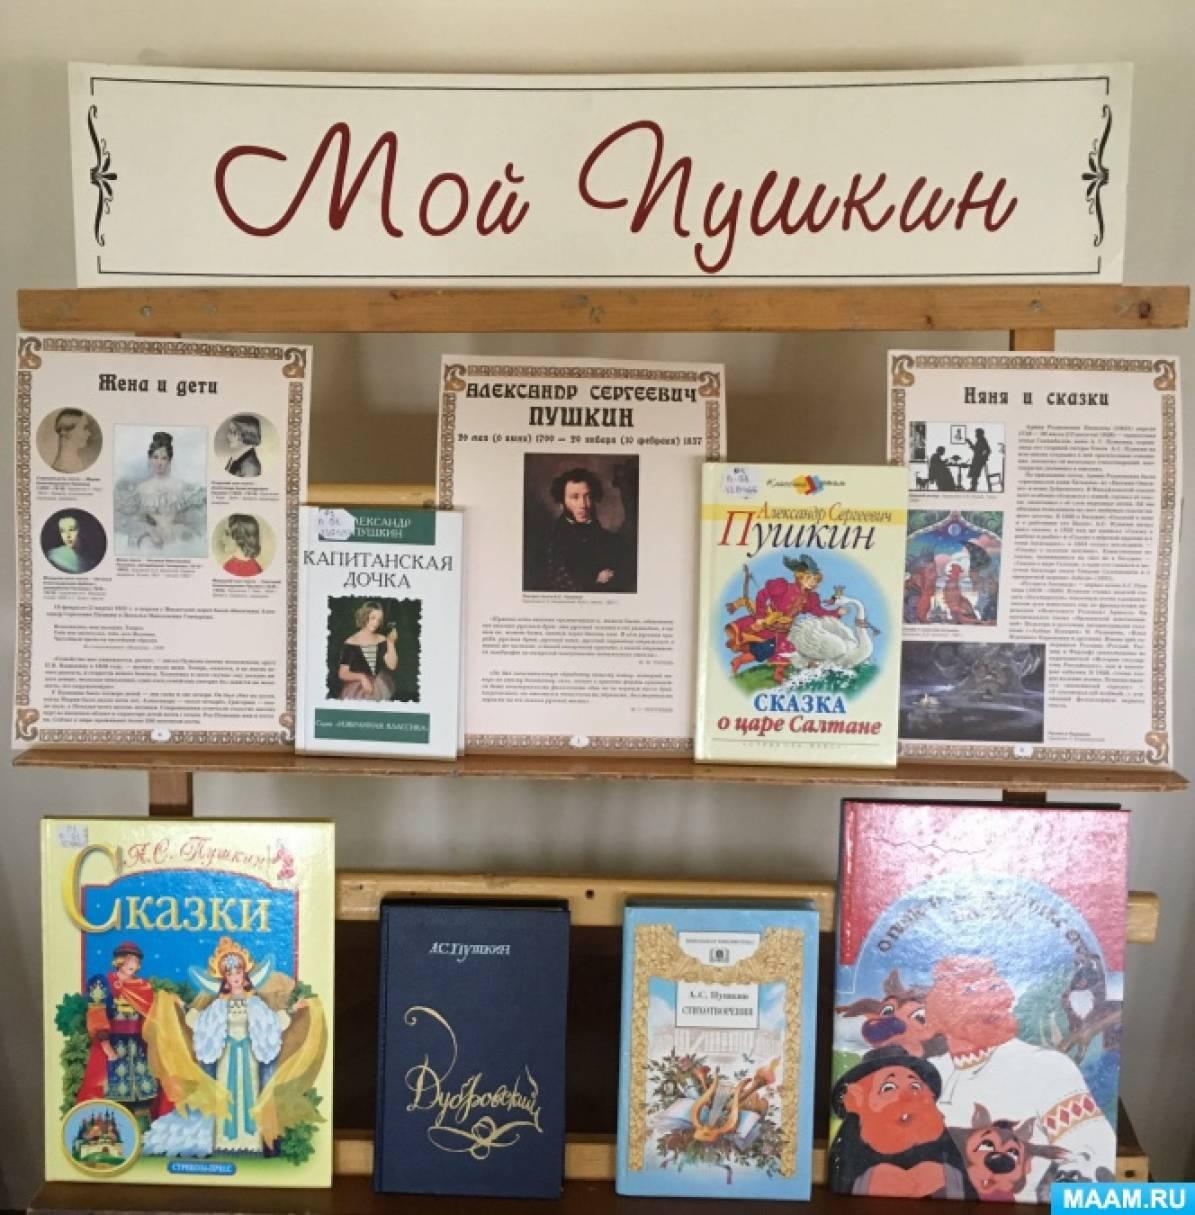 Фотоотчёт «День А. С. Пушкина в библиотеке им. В. Сухомлинского»